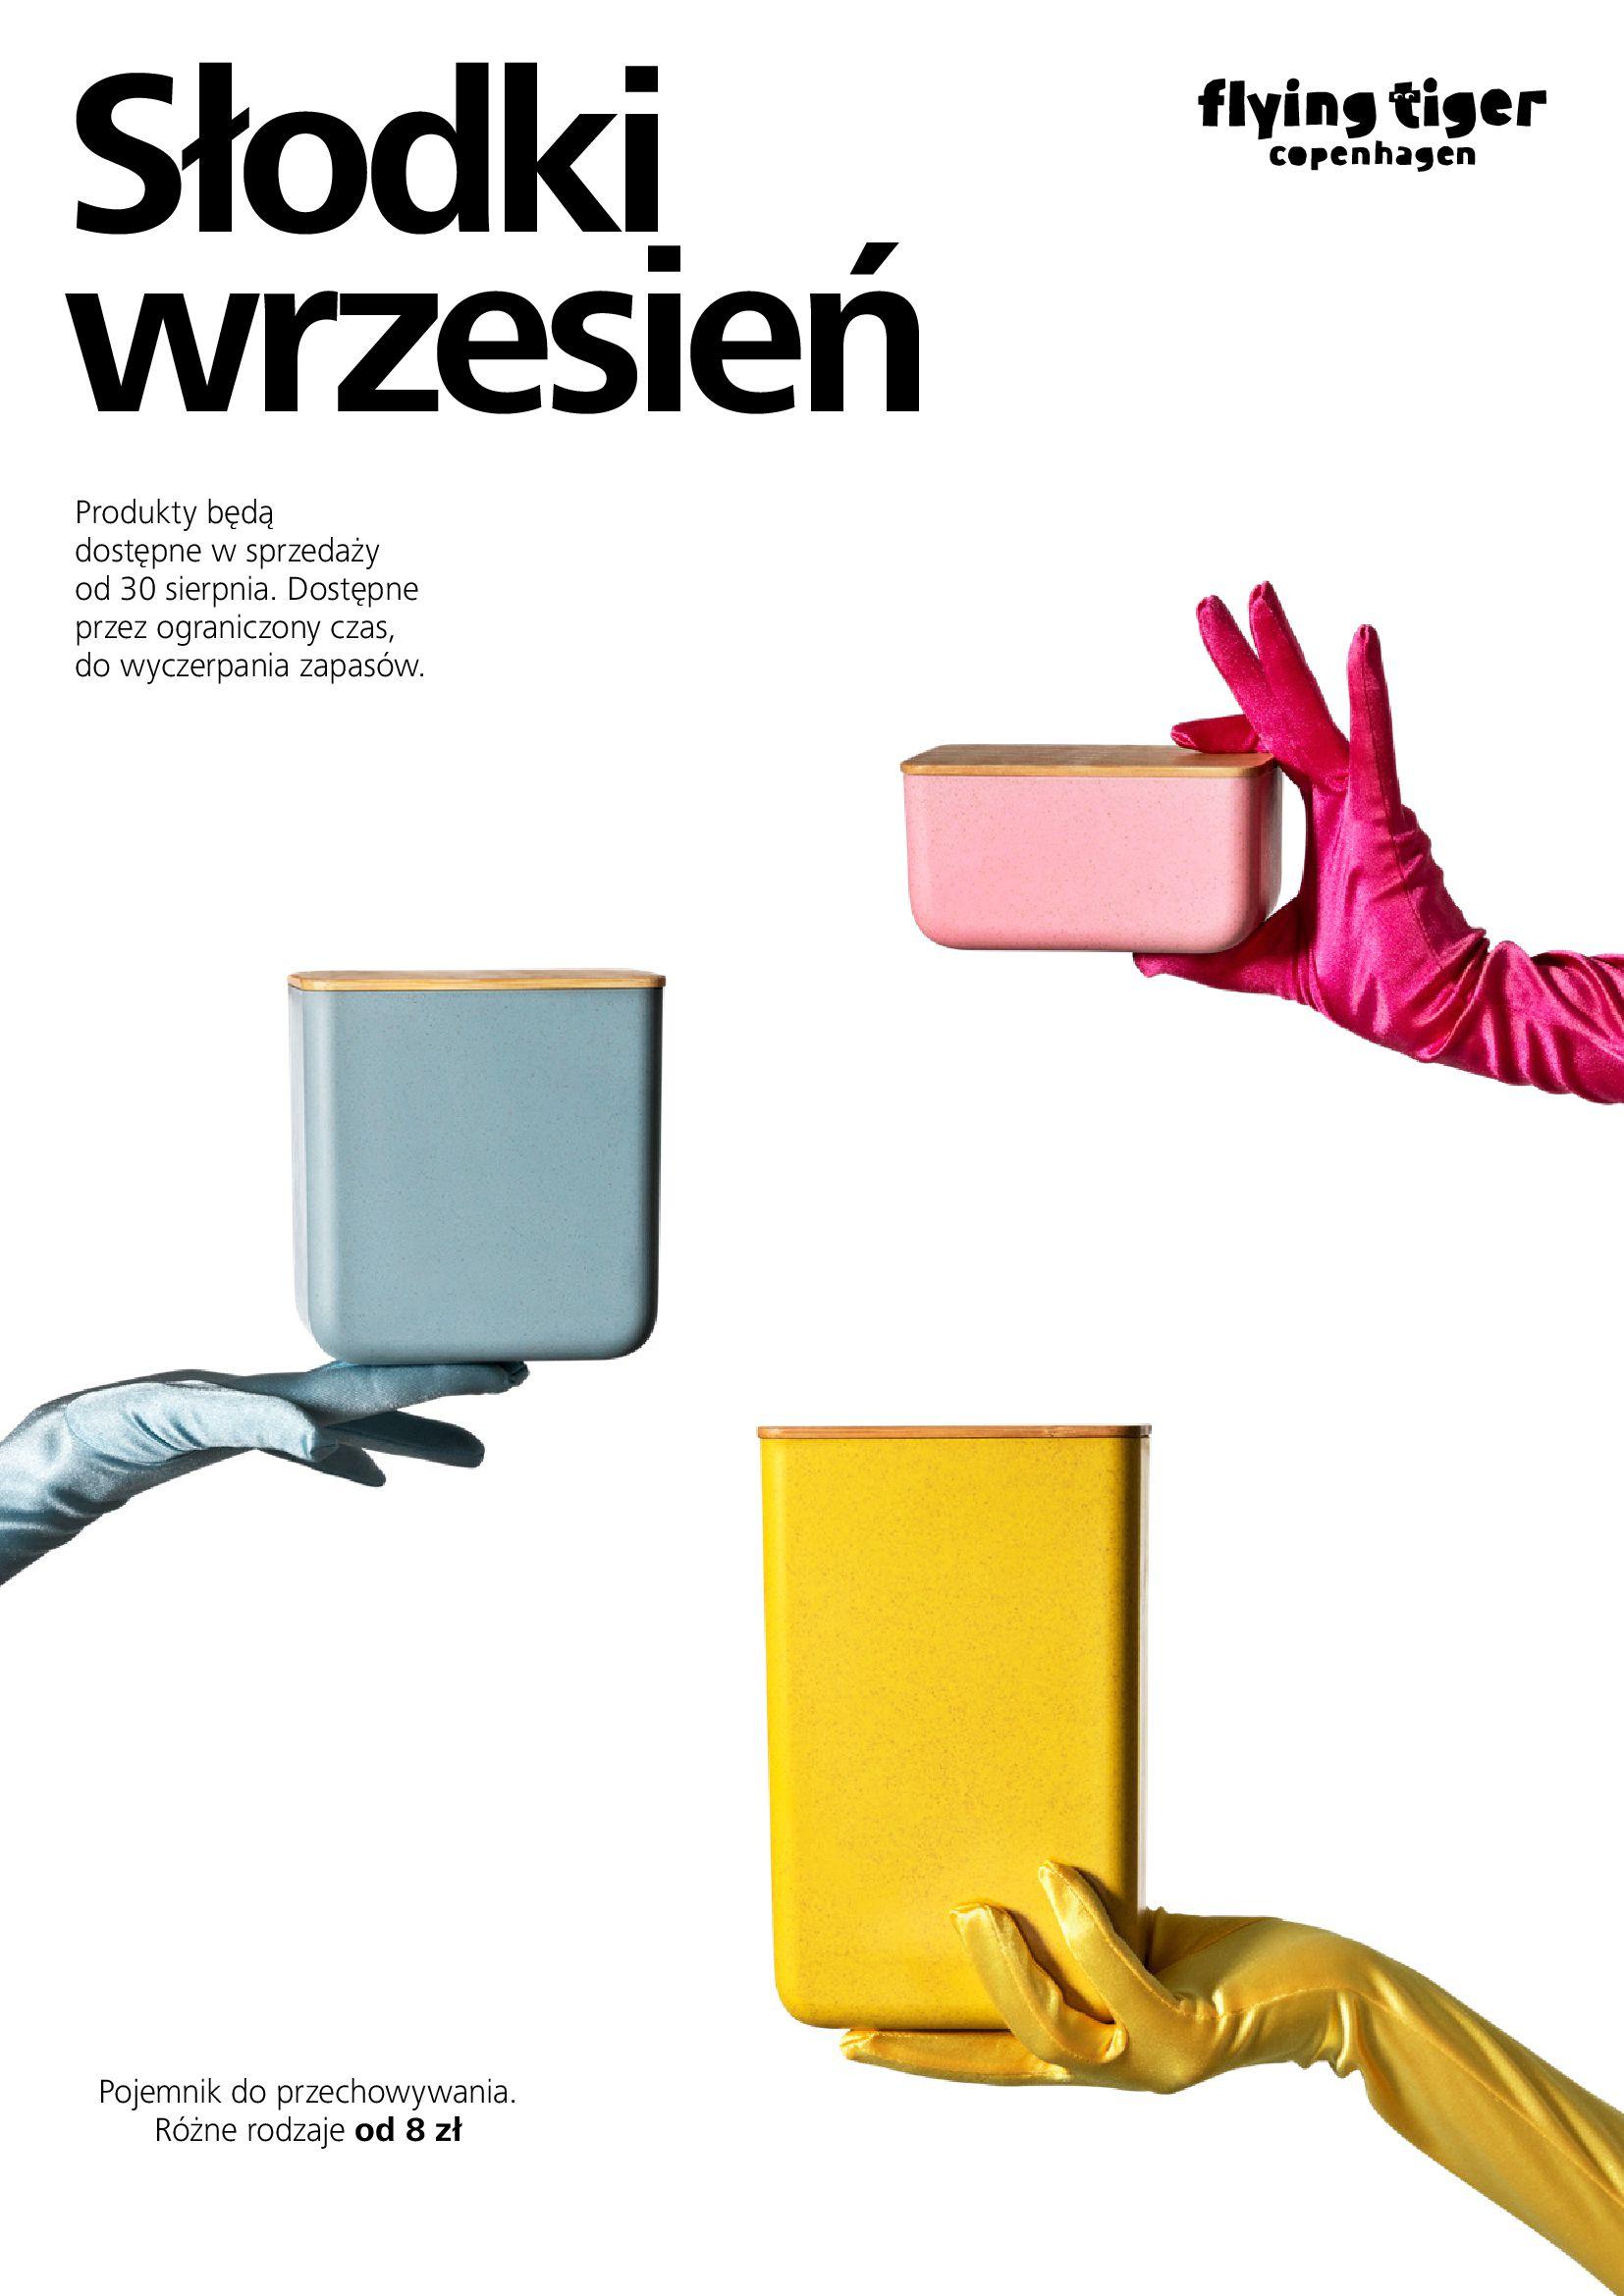 Gazetka Flying tiger - Słodki wrzesień-04.09.2019-27.09.2019-page-1